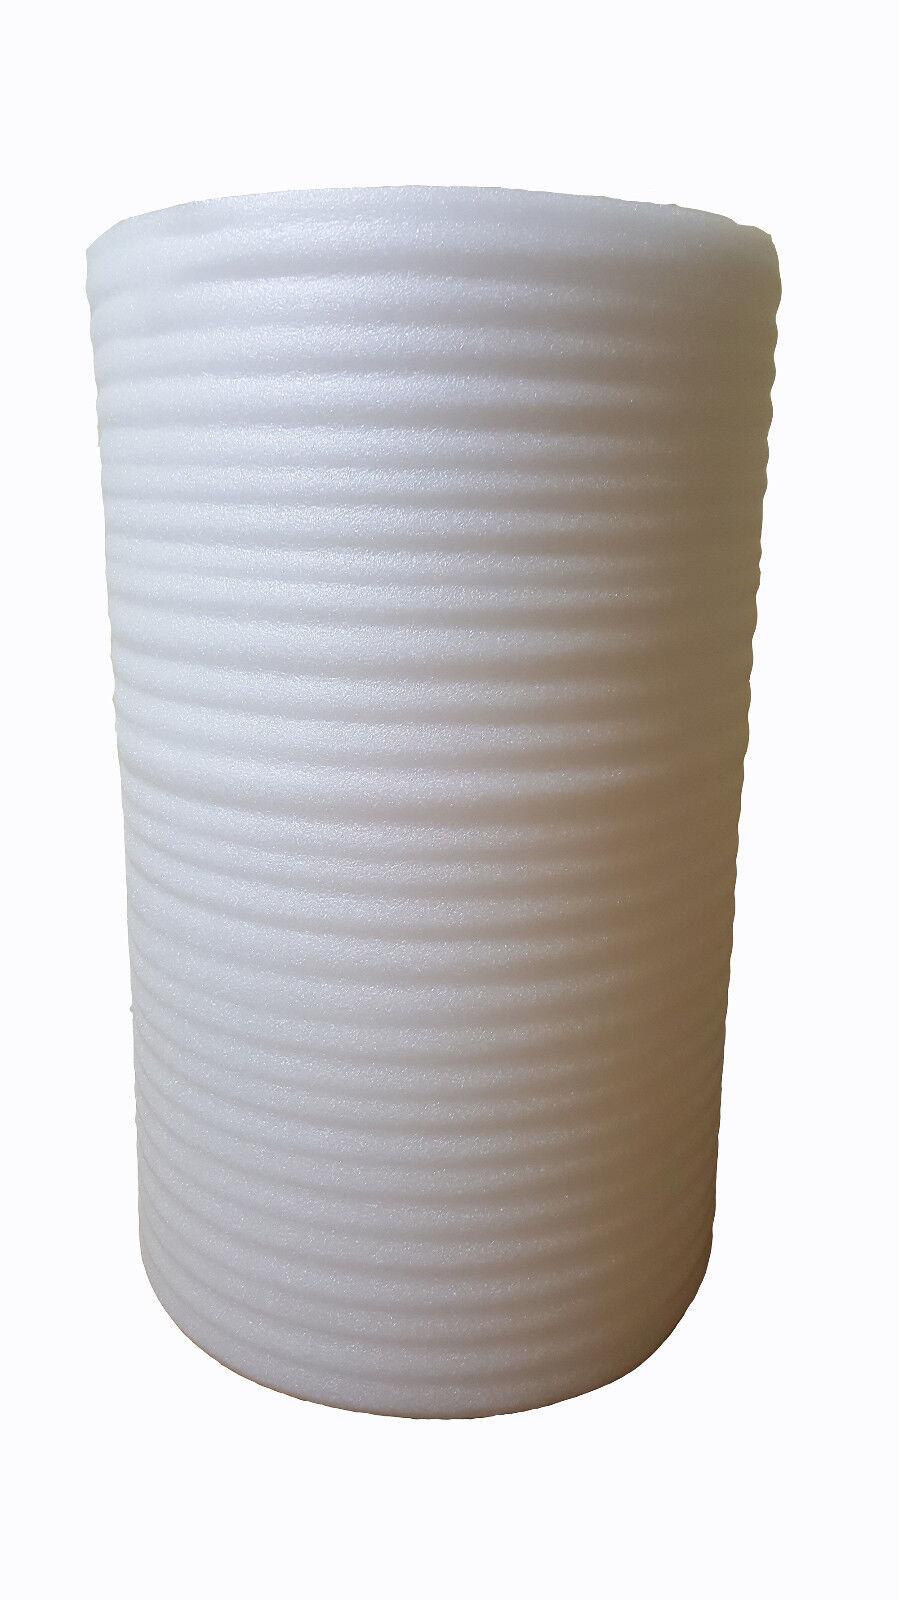 2 PE Schaumfolie 1 3 und 5 mm Trittschalldämmung verschieden Längen und Mengen